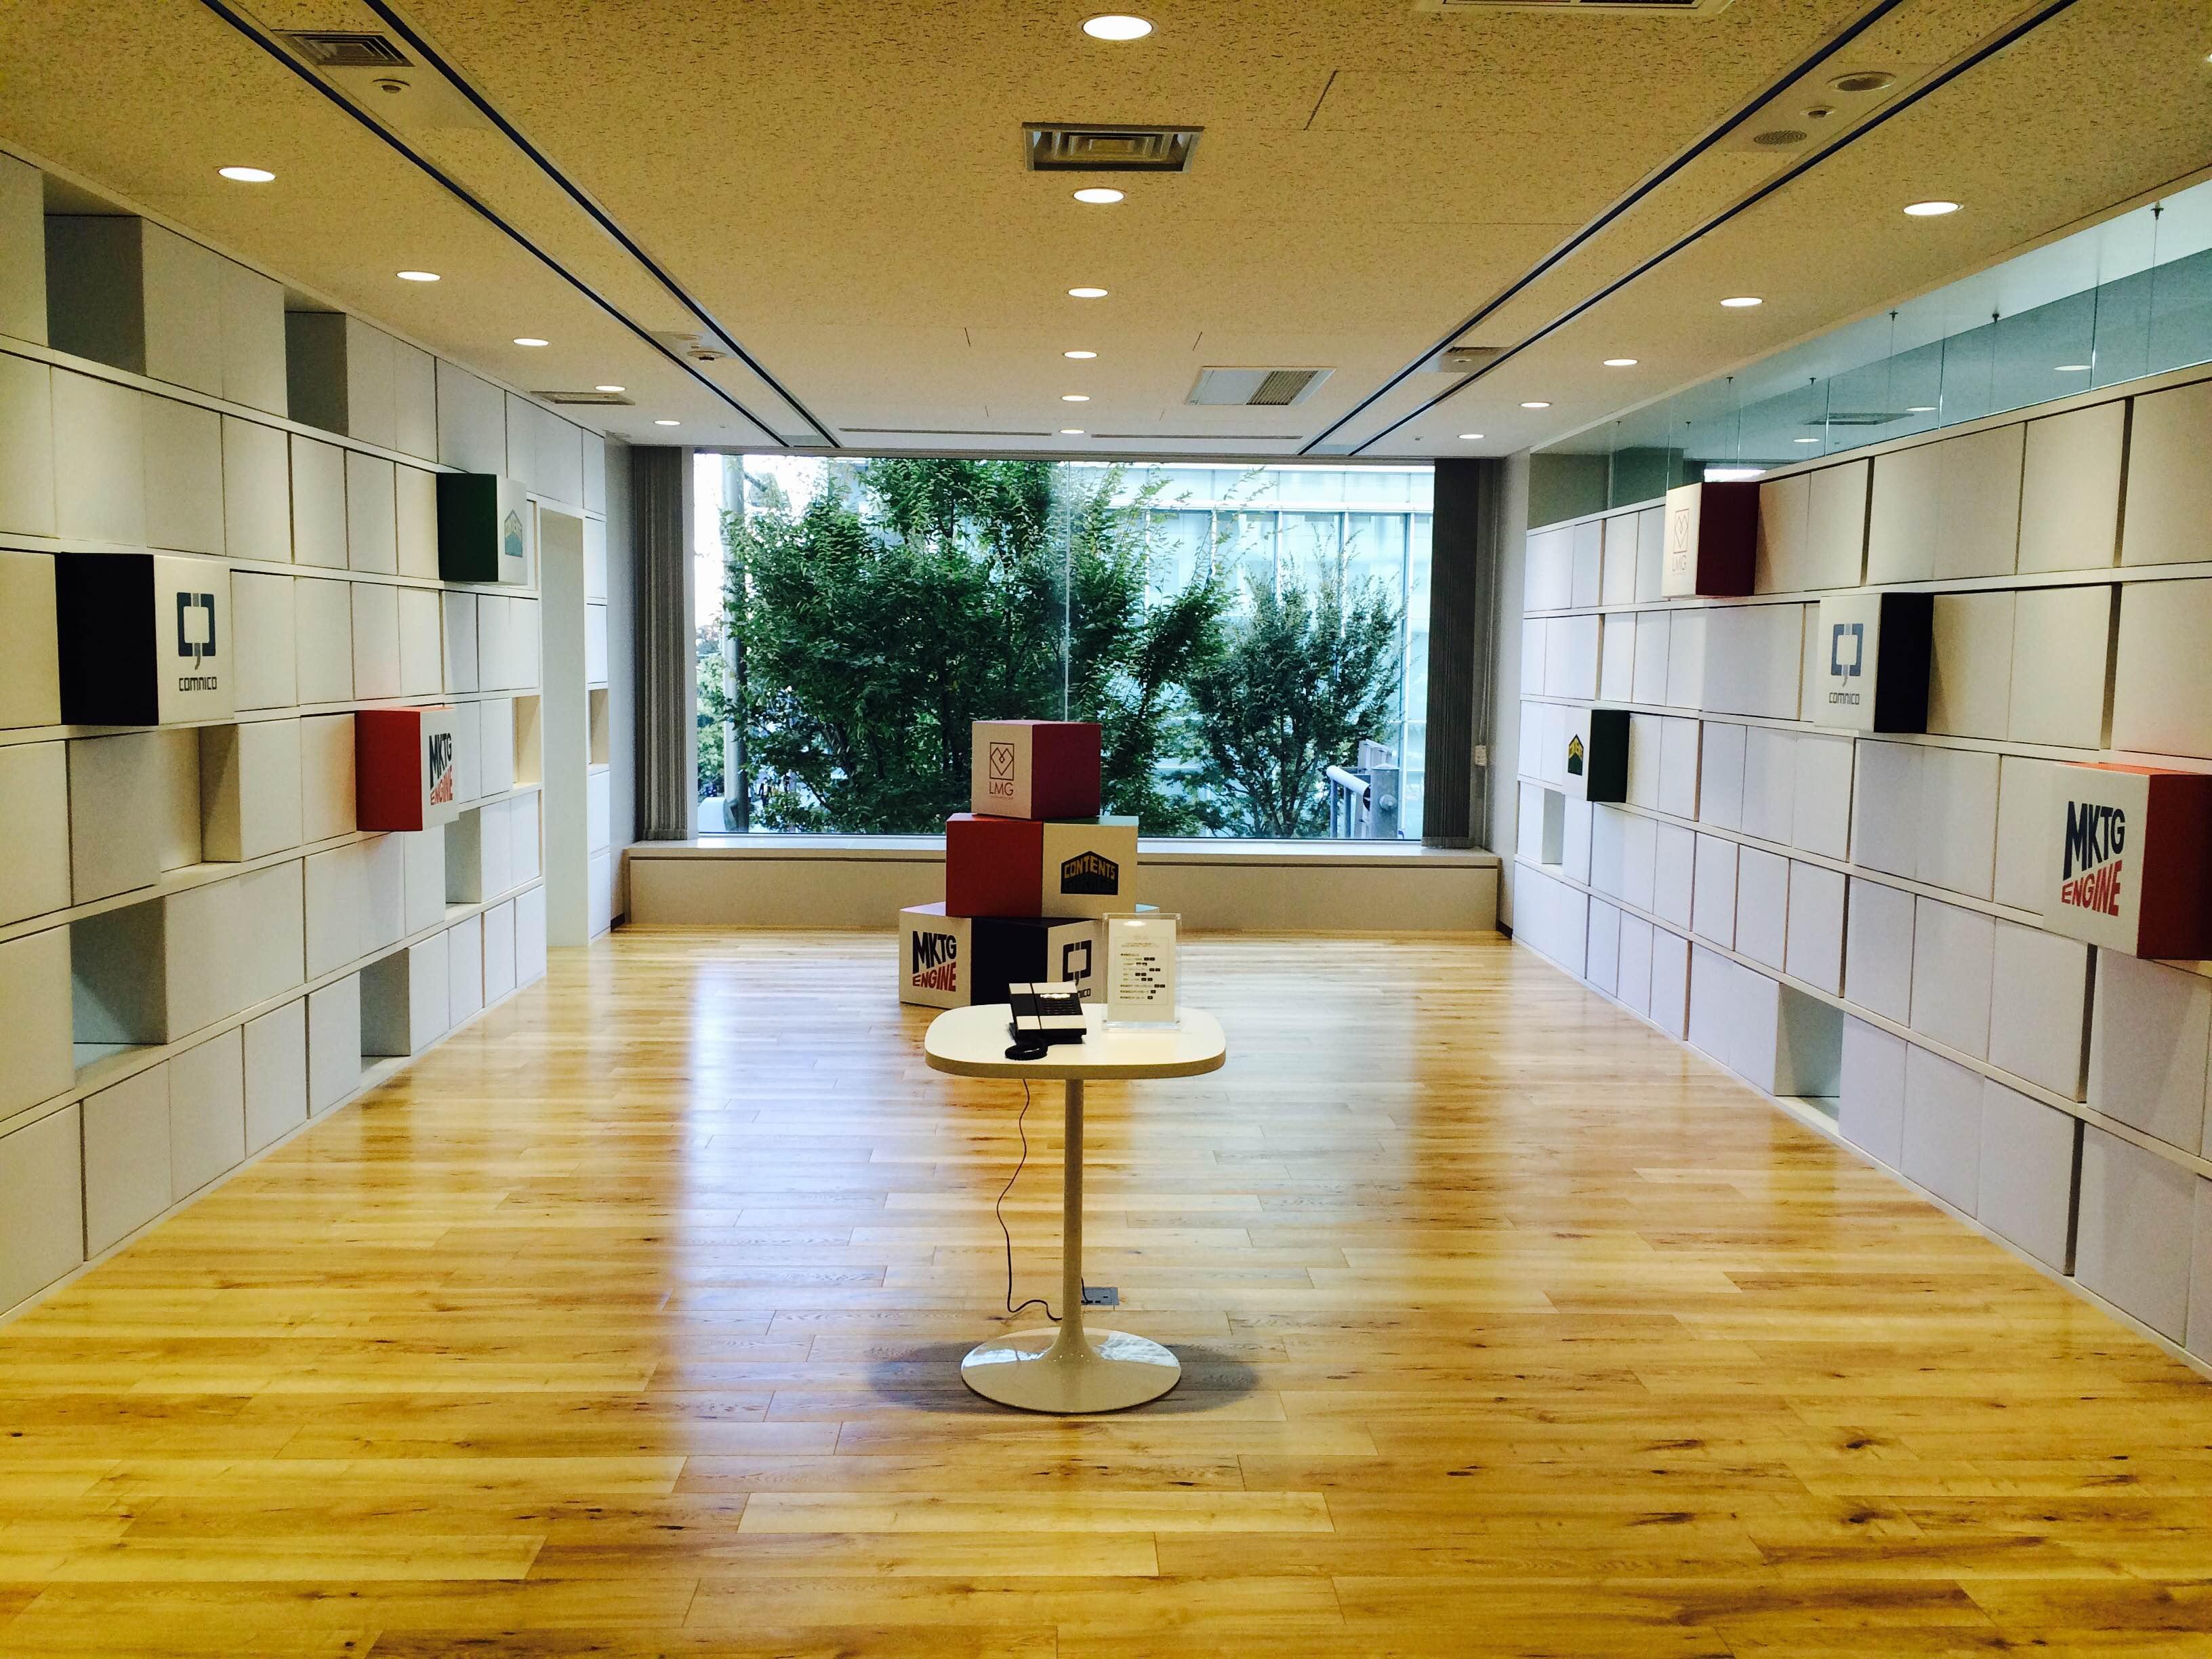 コムニコのオフィスが段ボールで出来ている件wwwww